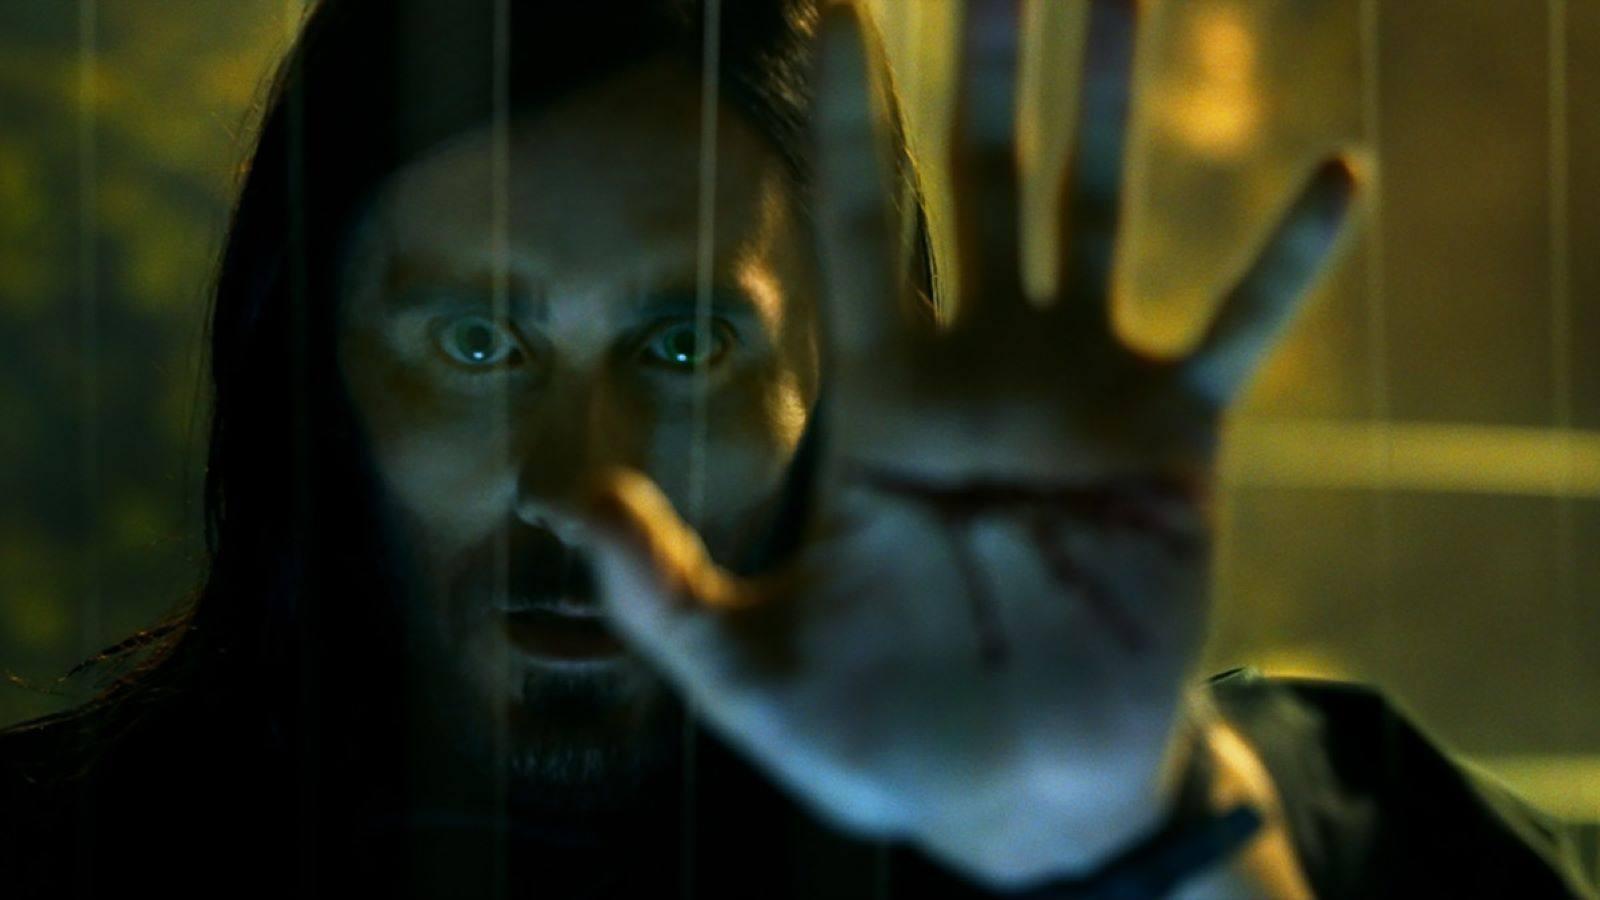 杰瑞德·莱托主演电影《莫比亚斯:暗夜博士》将延期至10月8日上映